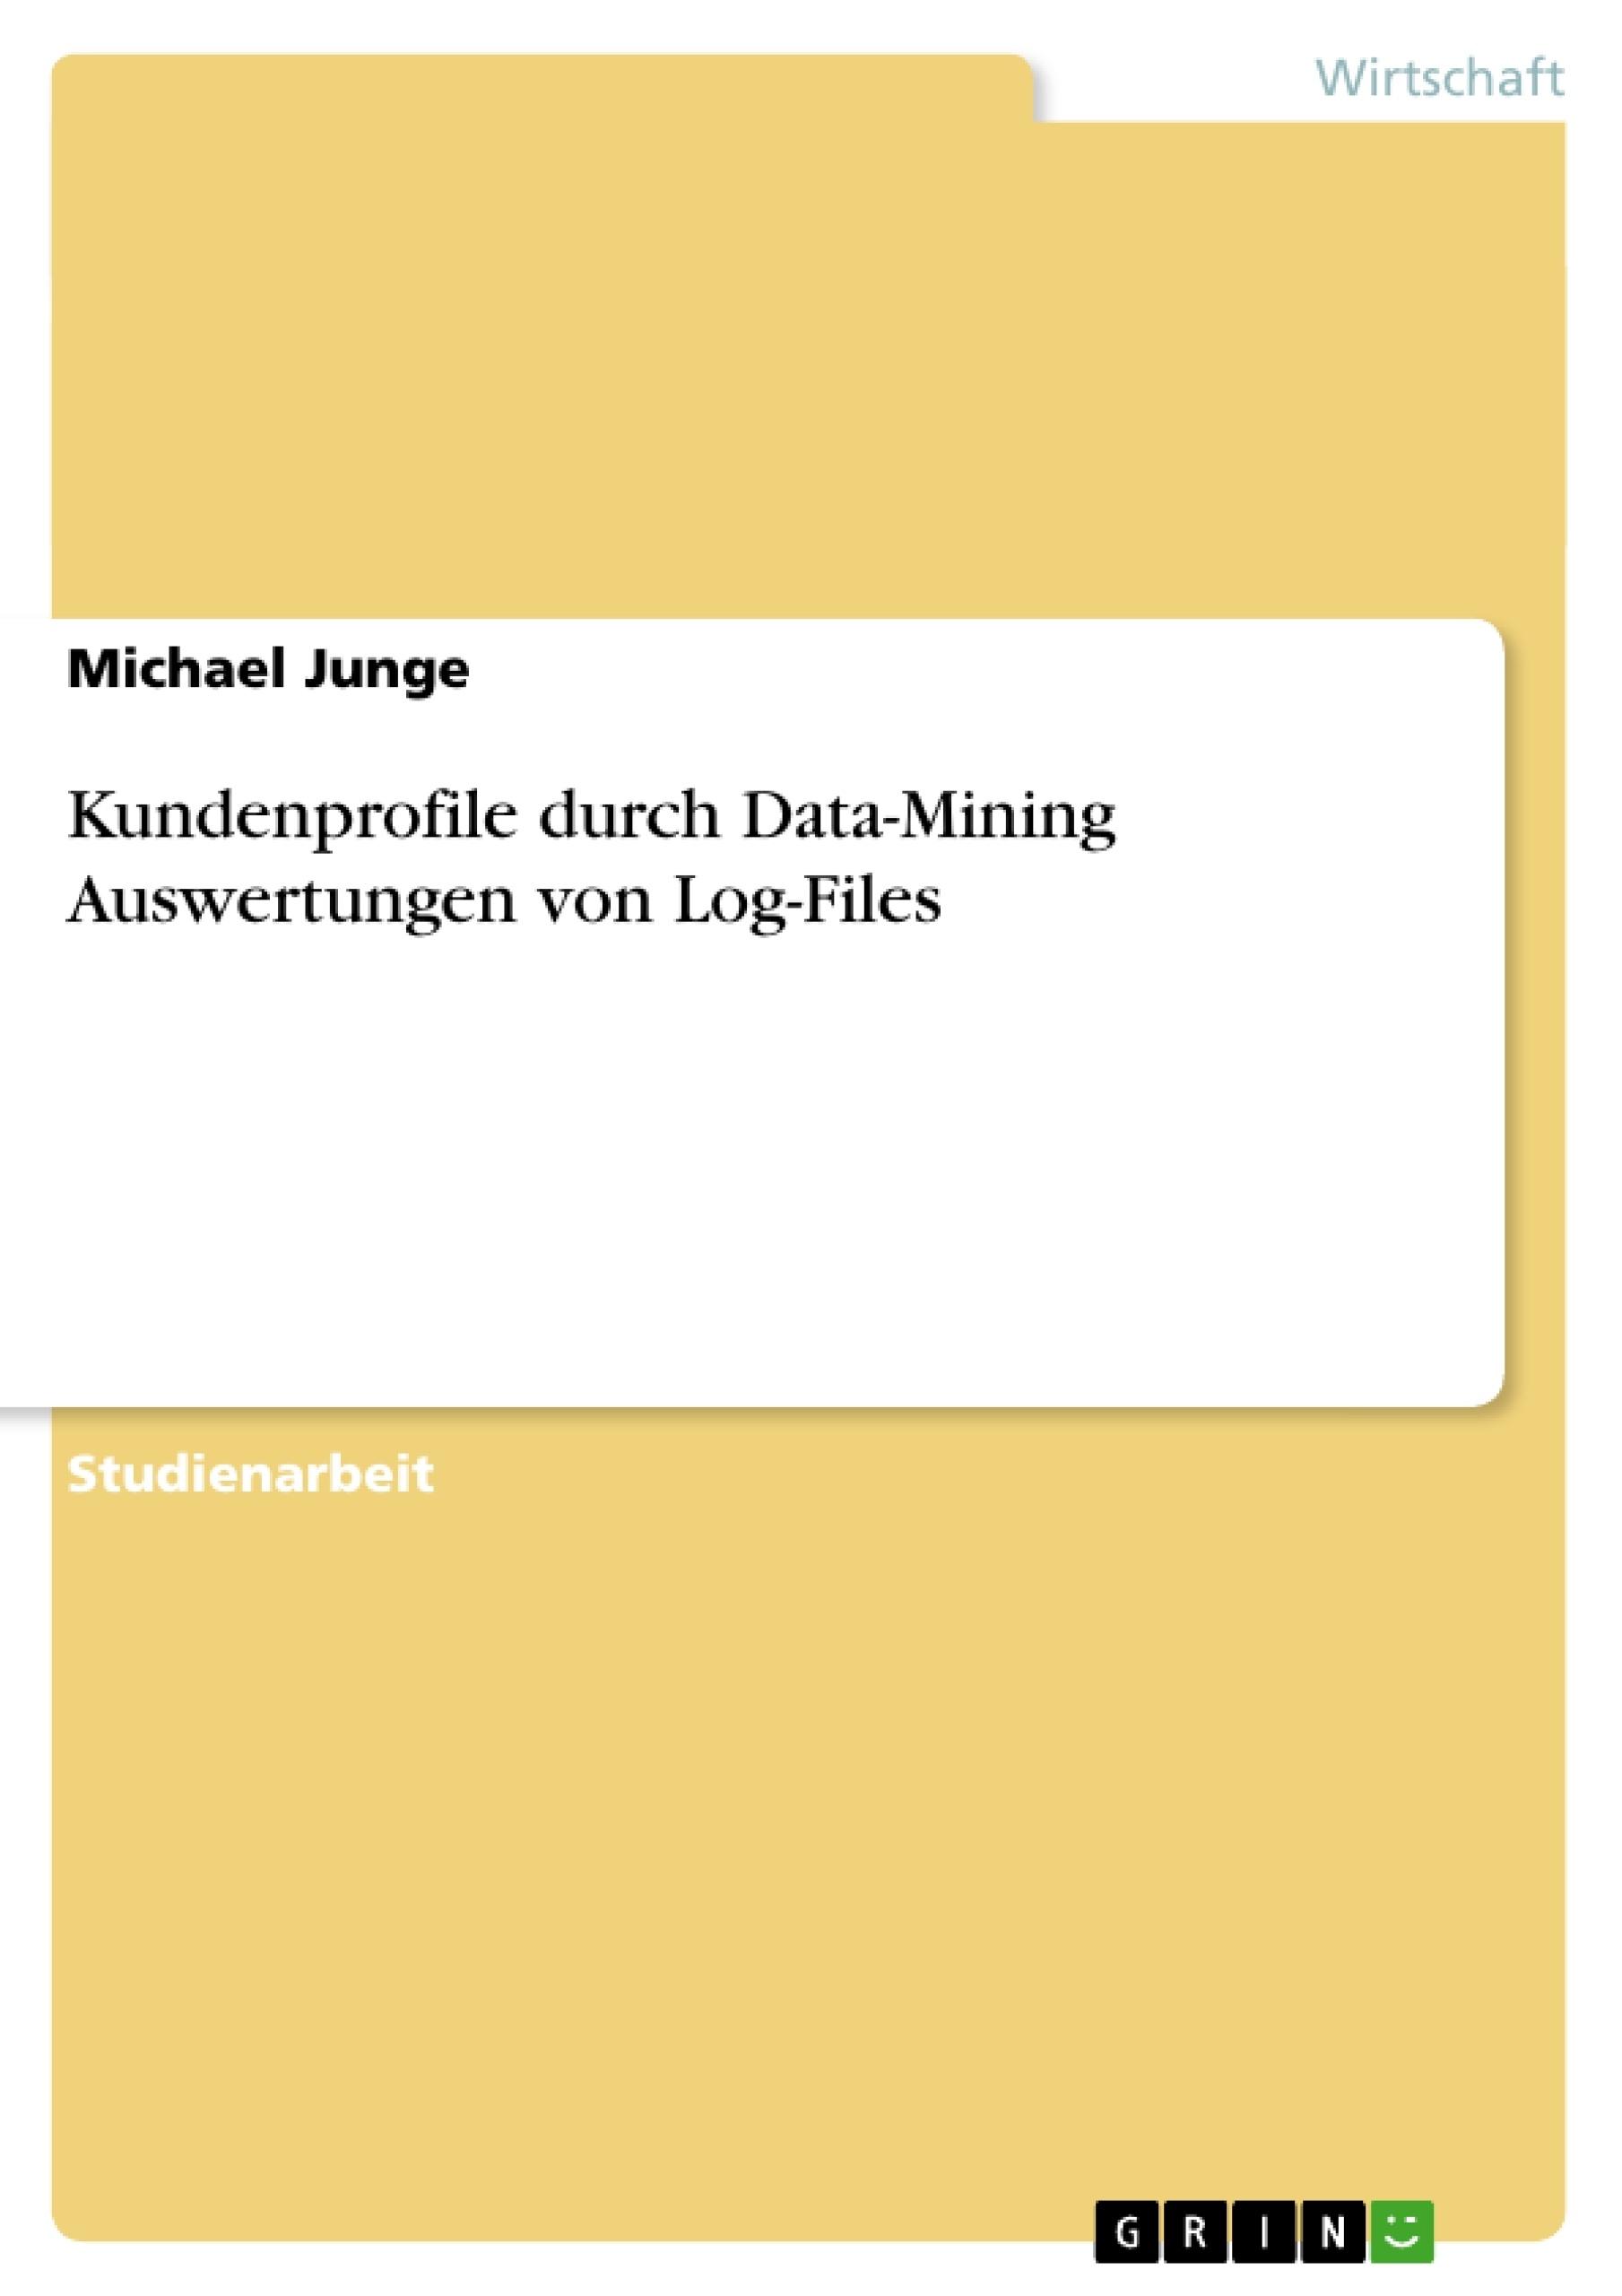 Titel: Kundenprofile durch Data-Mining Auswertungen von Log-Files